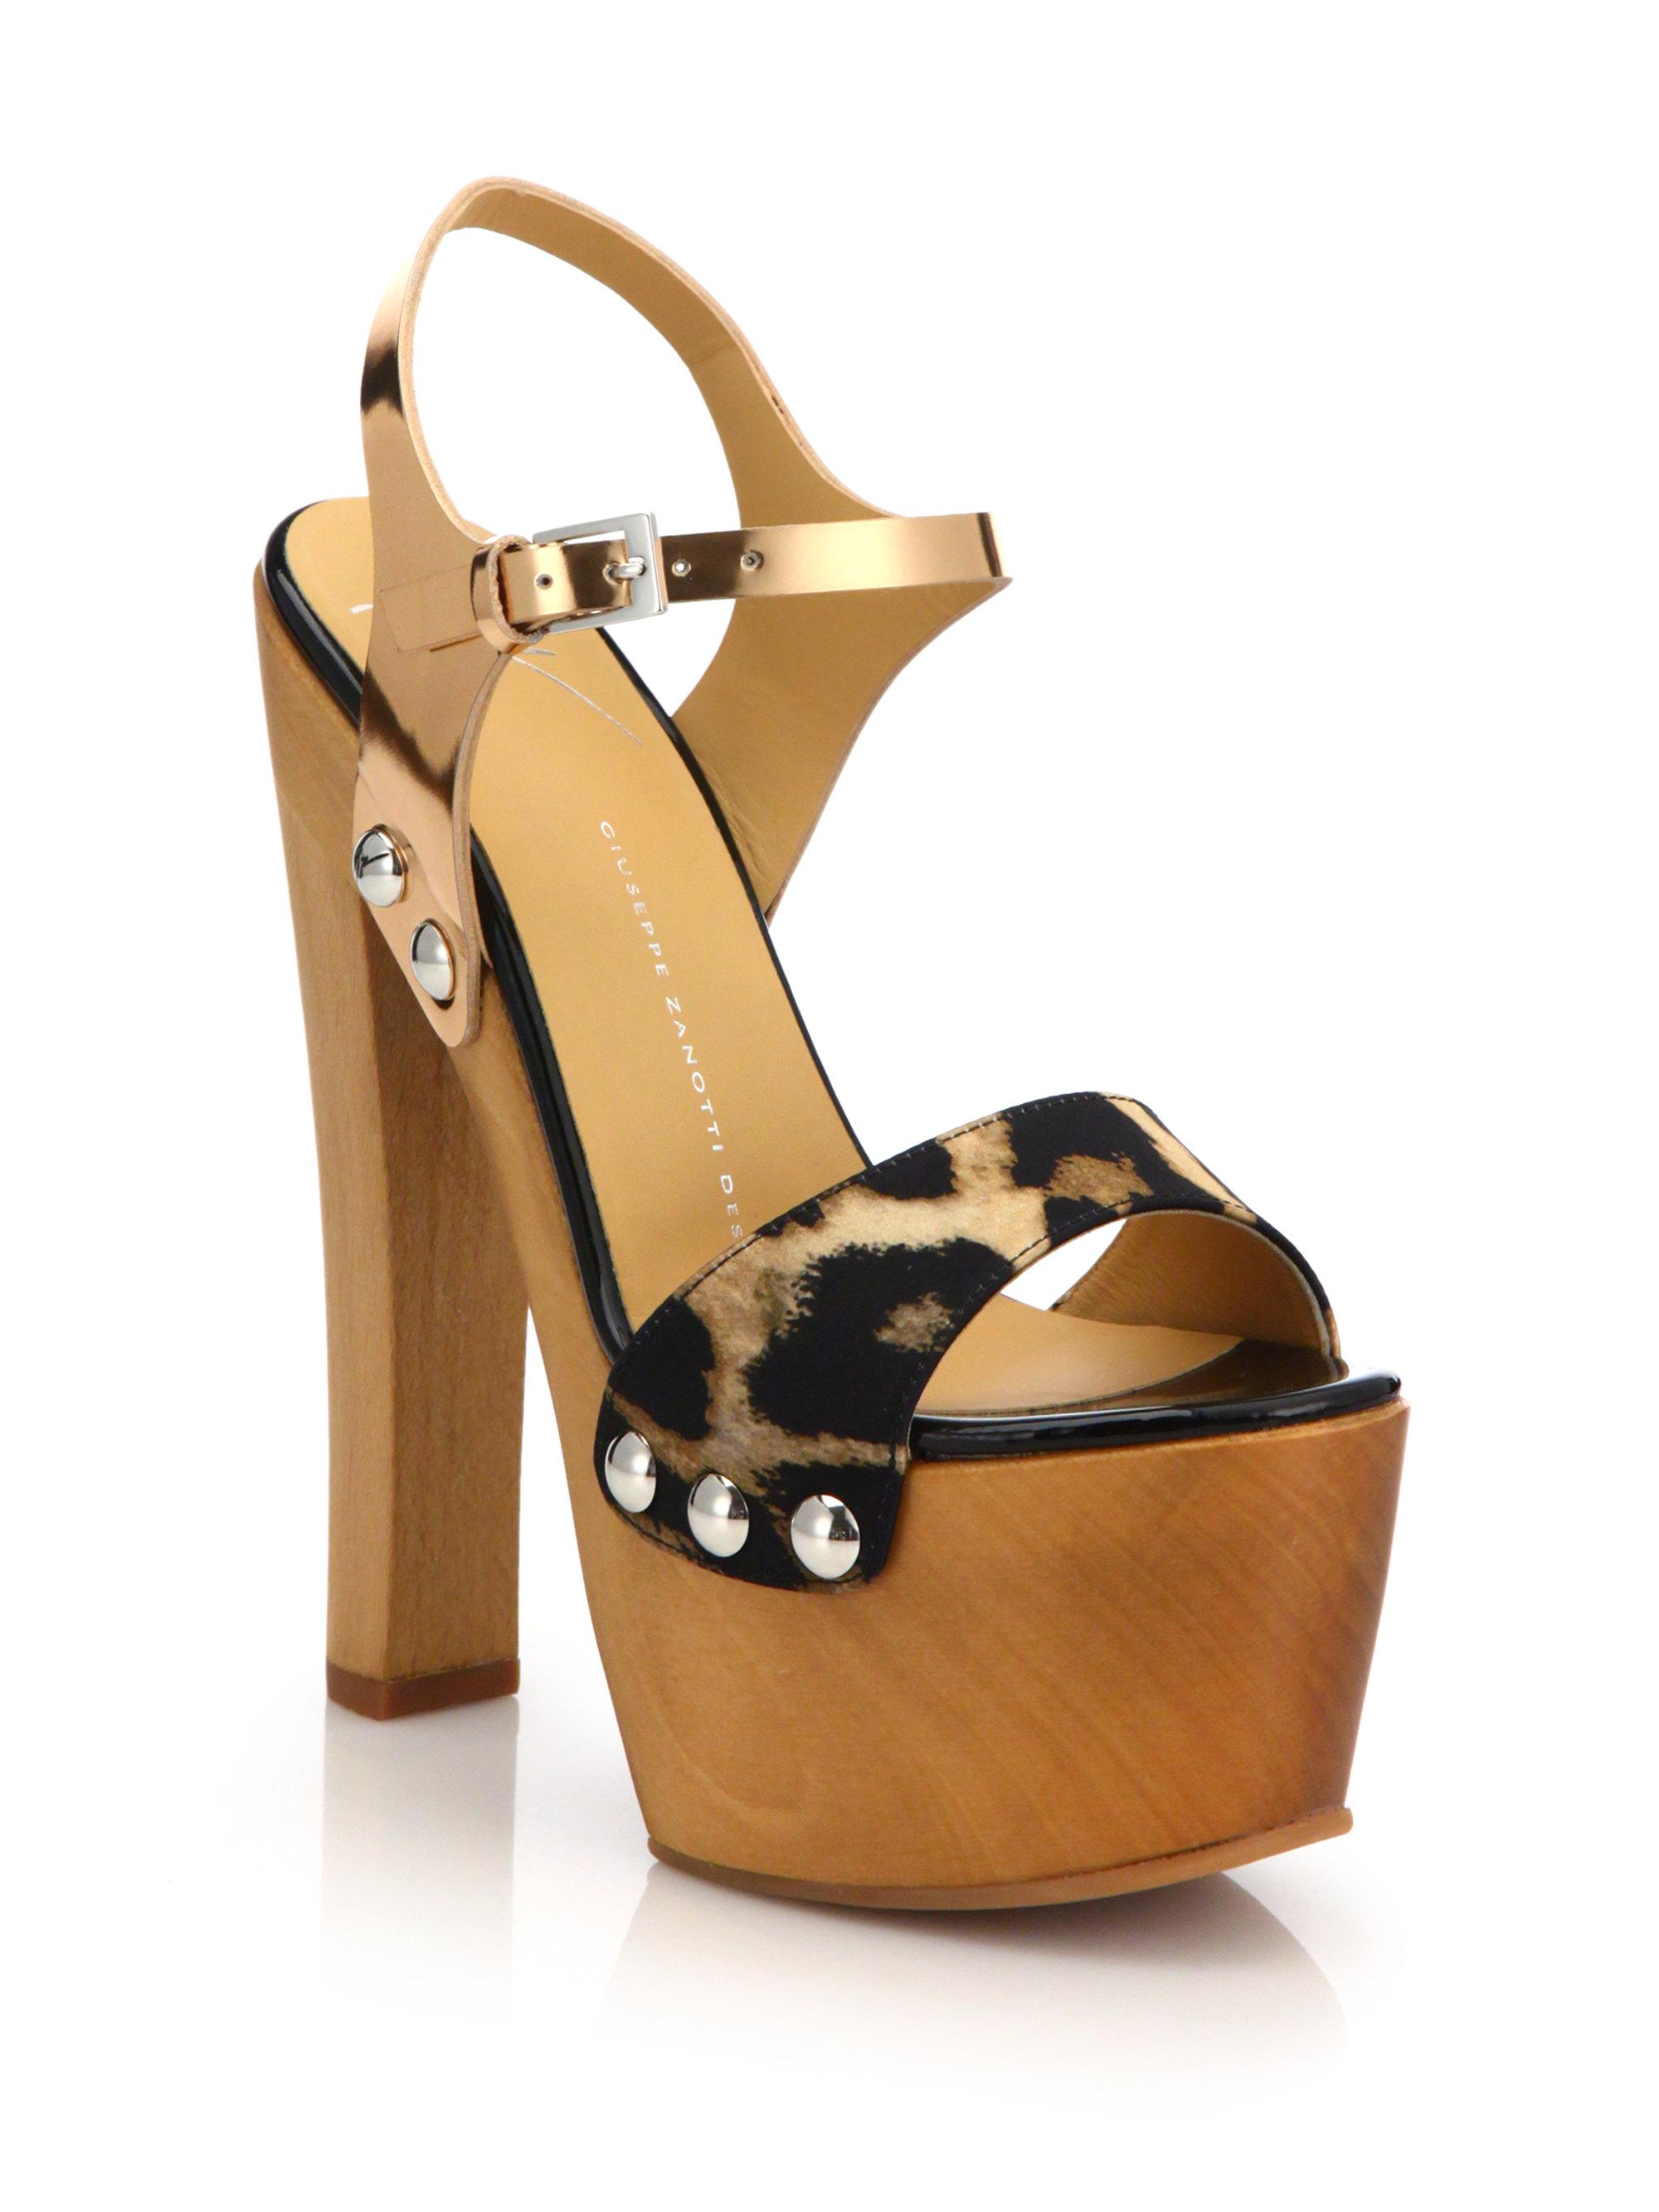 Giuseppe Zanotti Wooden Clog Platform Sandals Lyst